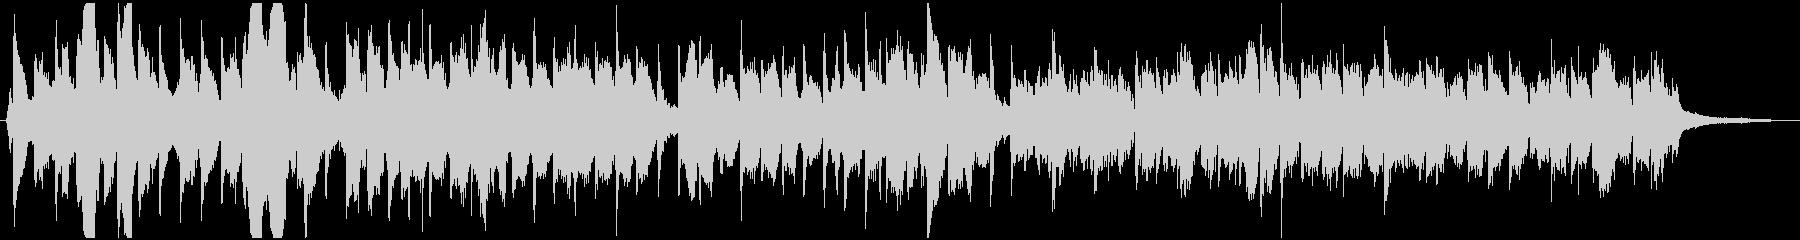 チェロとピアノによる柔らかな和風曲の未再生の波形